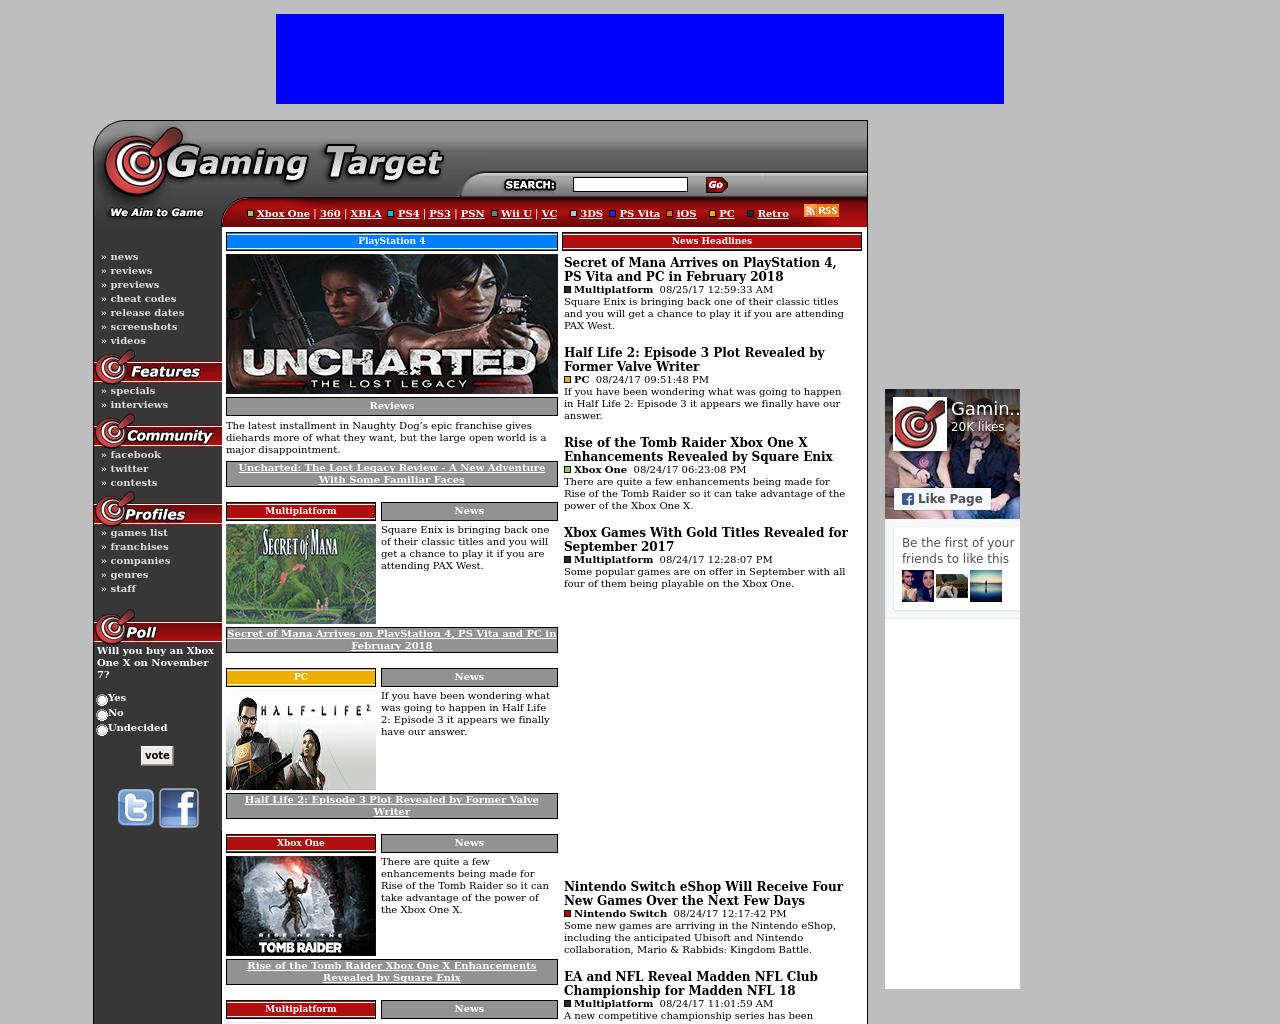 Gaming-Target-Advertising-Reviews-Pricing